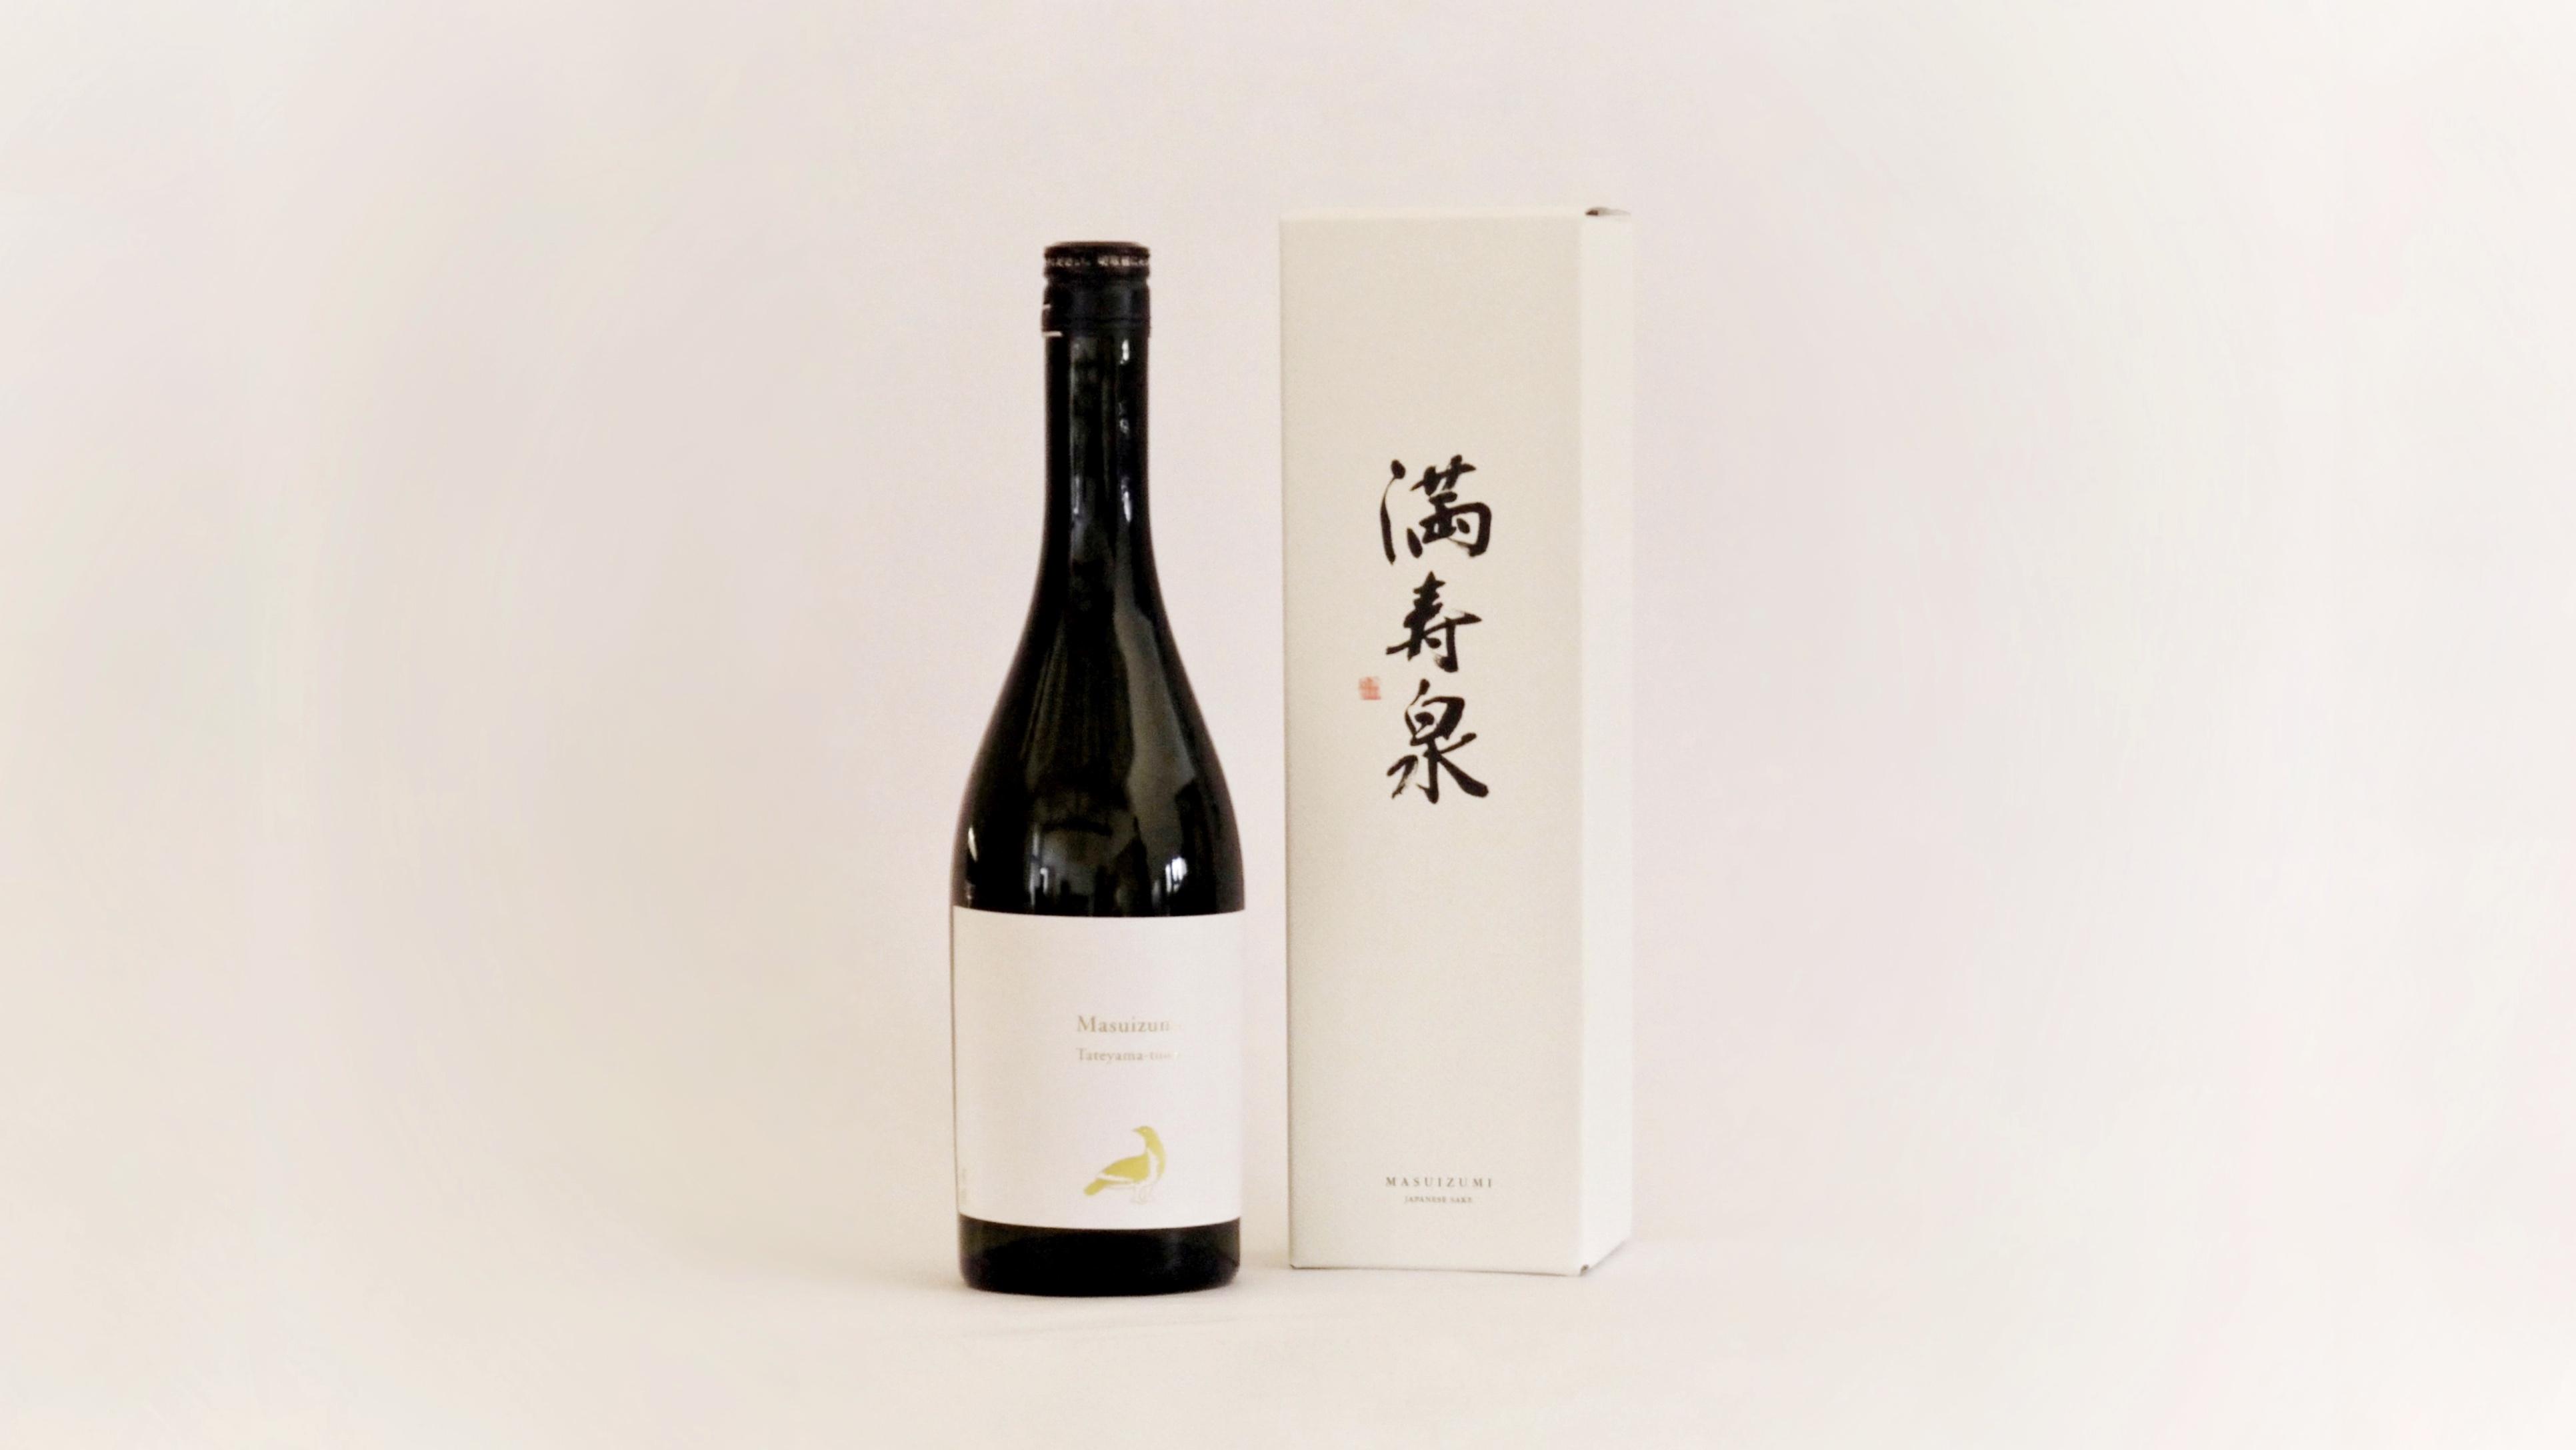 1000本限定醸造!! 満寿泉 立山町 大吟醸